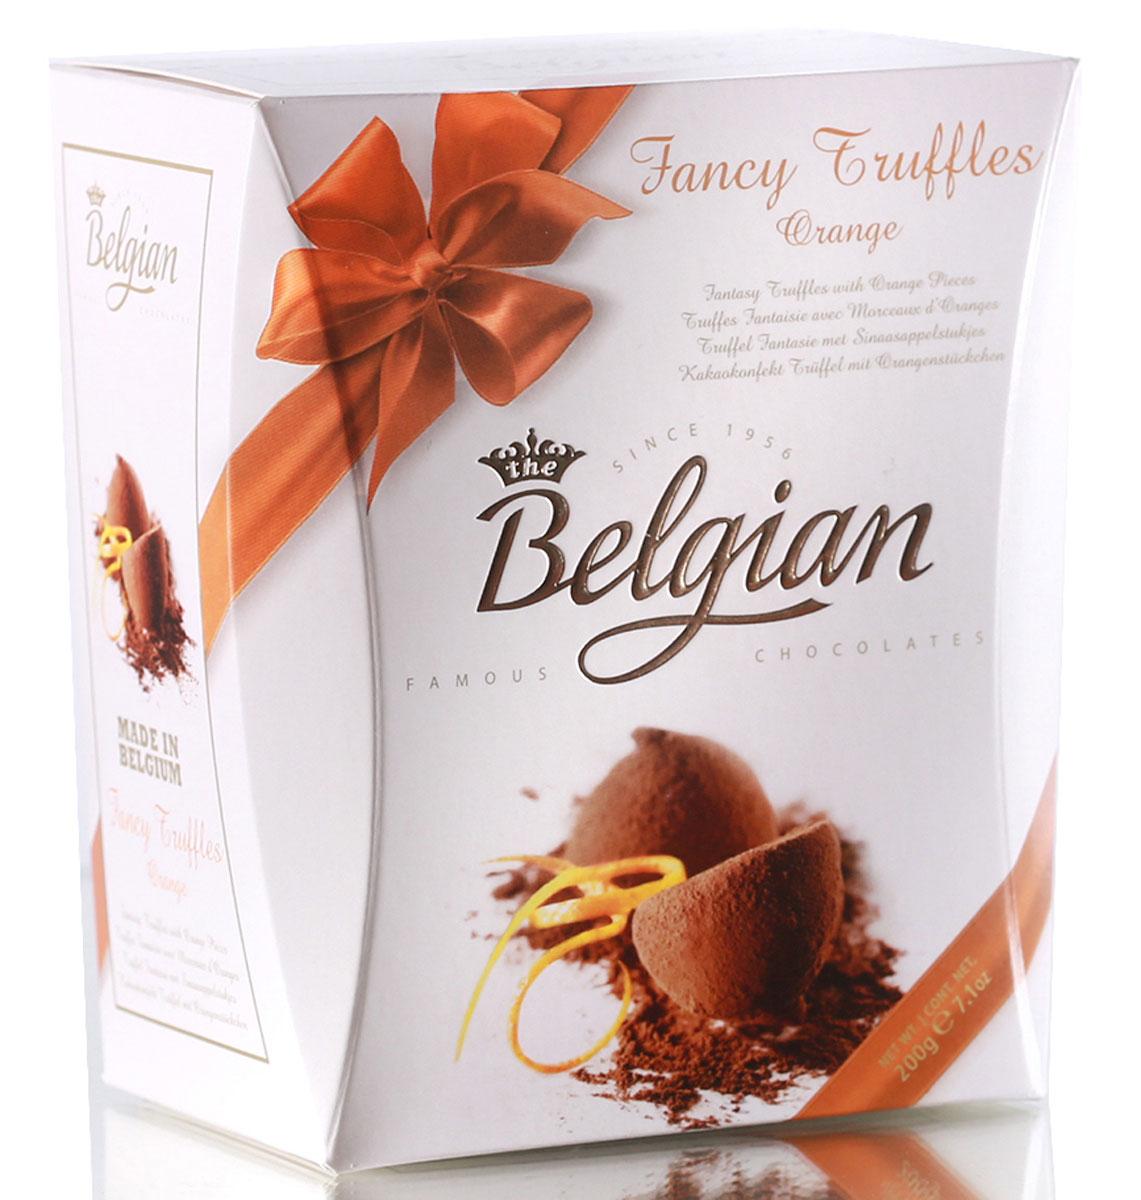 The Belgian Трюфели с кусочками апельсинов, 200 г7.37.19Насыщенный и нежный шоколадный вкус трюфелей чудесно оттеняют хрустящие кусочки засахаренного апельсина, придавая конфетам приятный цитрусовый оттенок. Трюфели превосходно сочетаются с кофе, чаем или капучино. Их можно предложить к какао или молоку. Конфеты составят оригинальную пару с бокалом американского пшеничного пива и Nut Brown Ale.